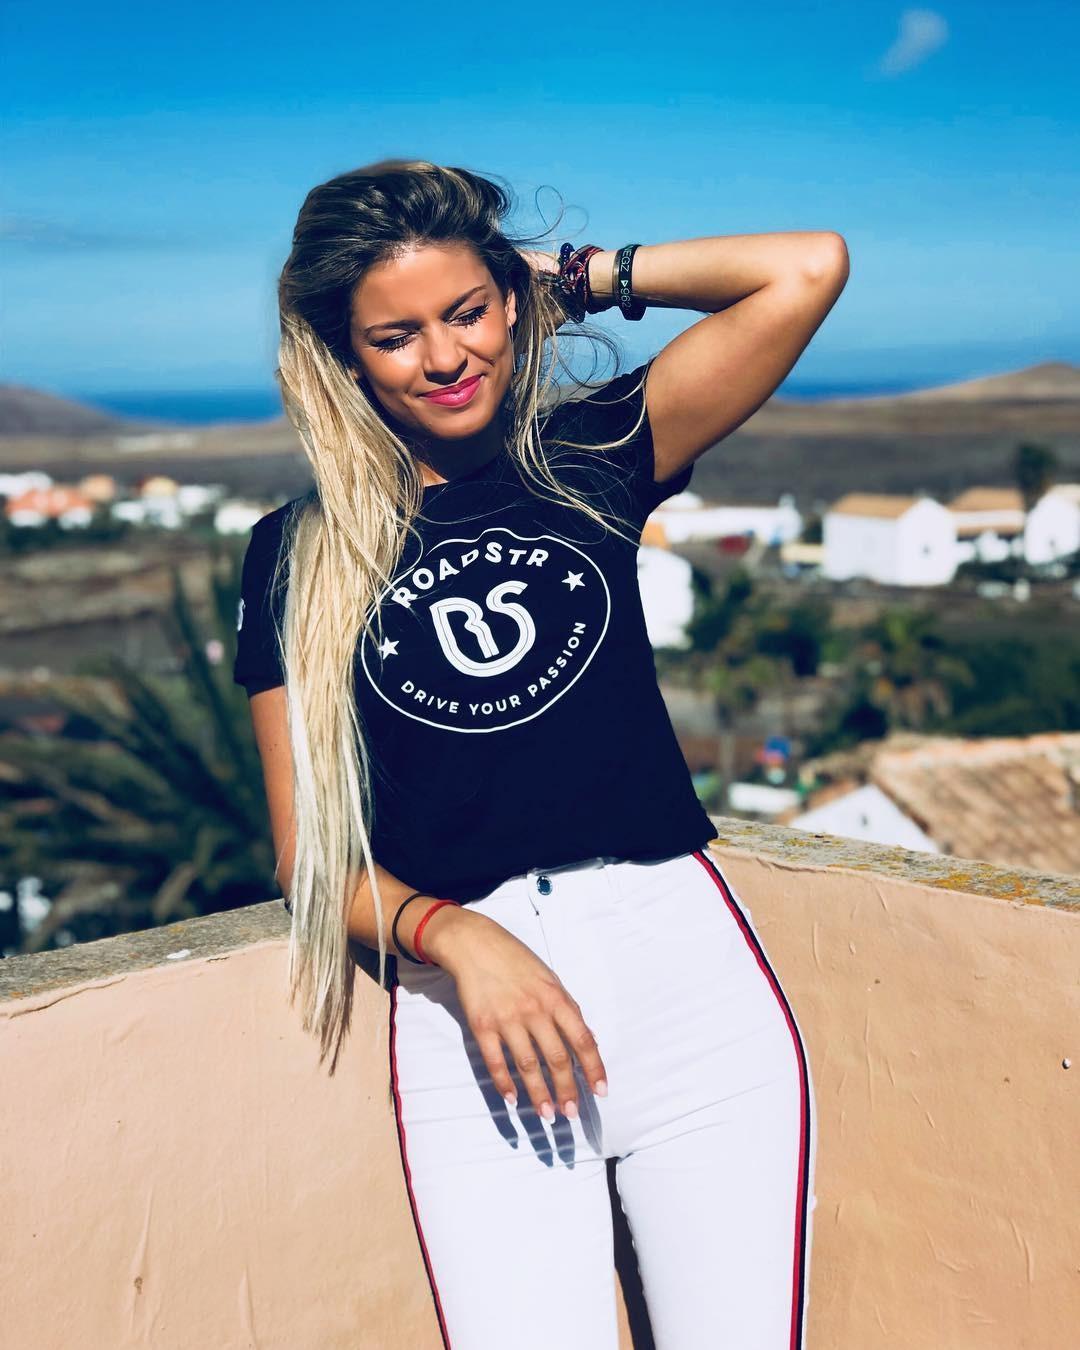 Ngắm nhìn vẻ đẹp thể thao khỏe khoắn của nữ tay đua Christine Giampaoli Zonca - 10